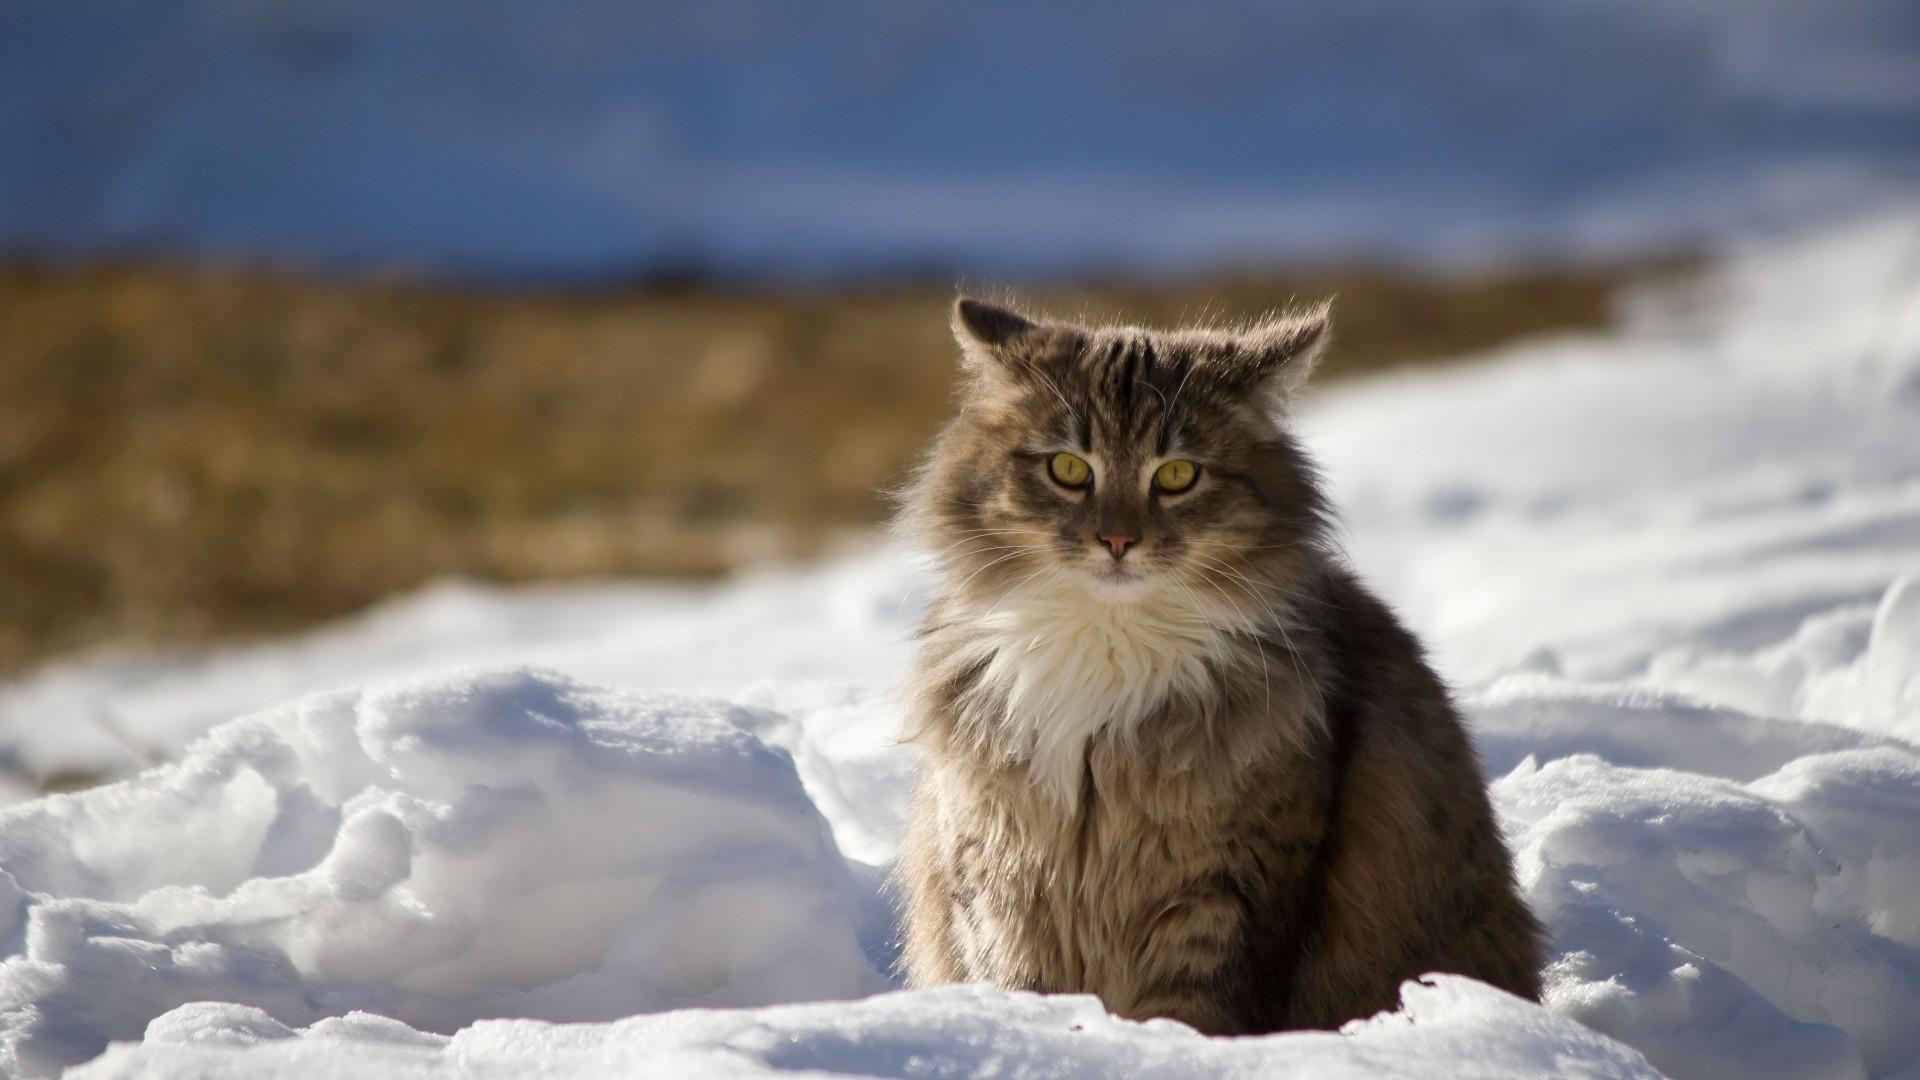 Wallpaper cat, winter, fluffy, snow